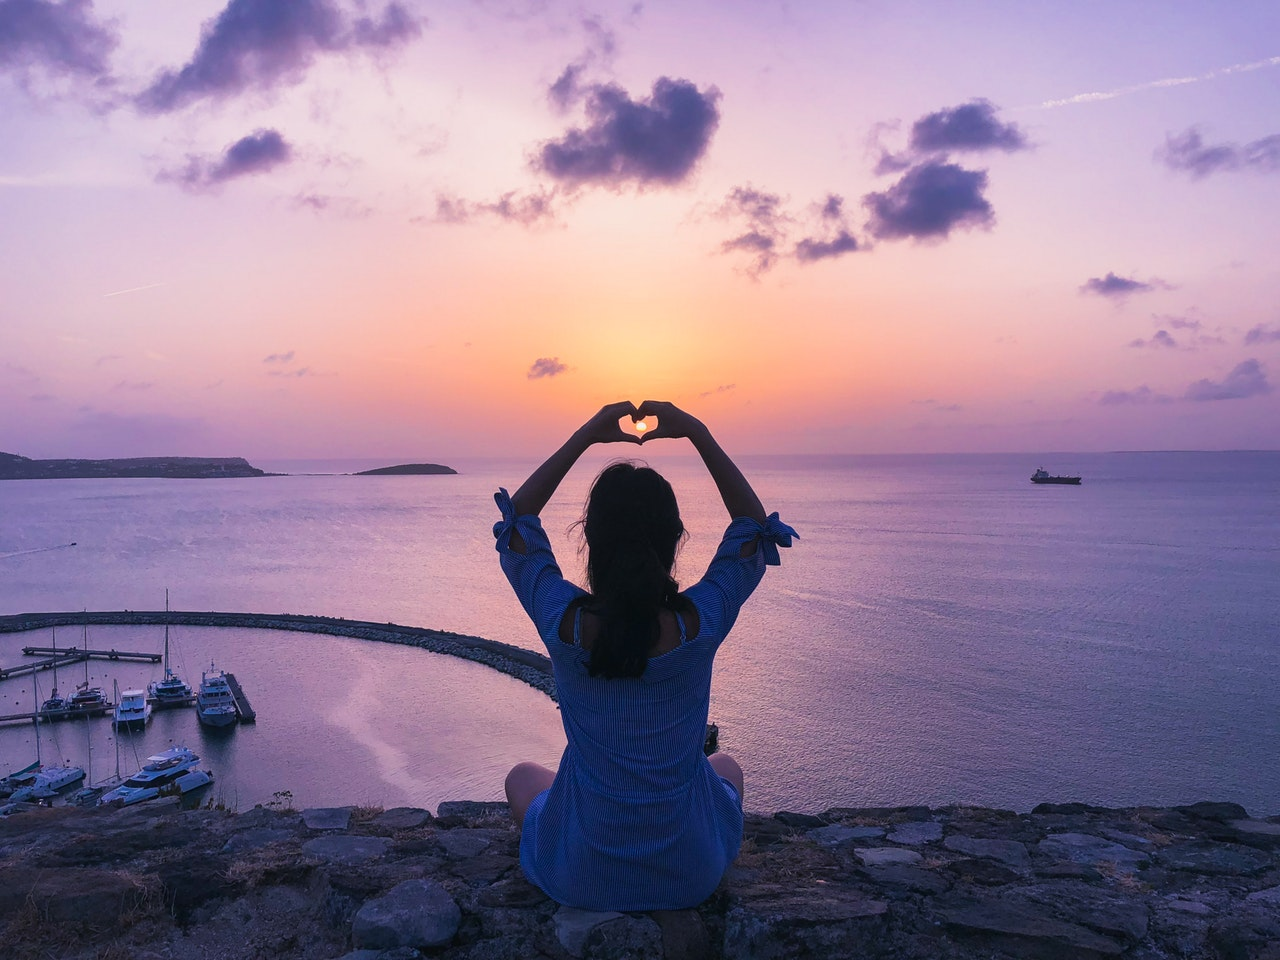 Vacanze in Grecia: ecco le isole greche gay friendly più belle